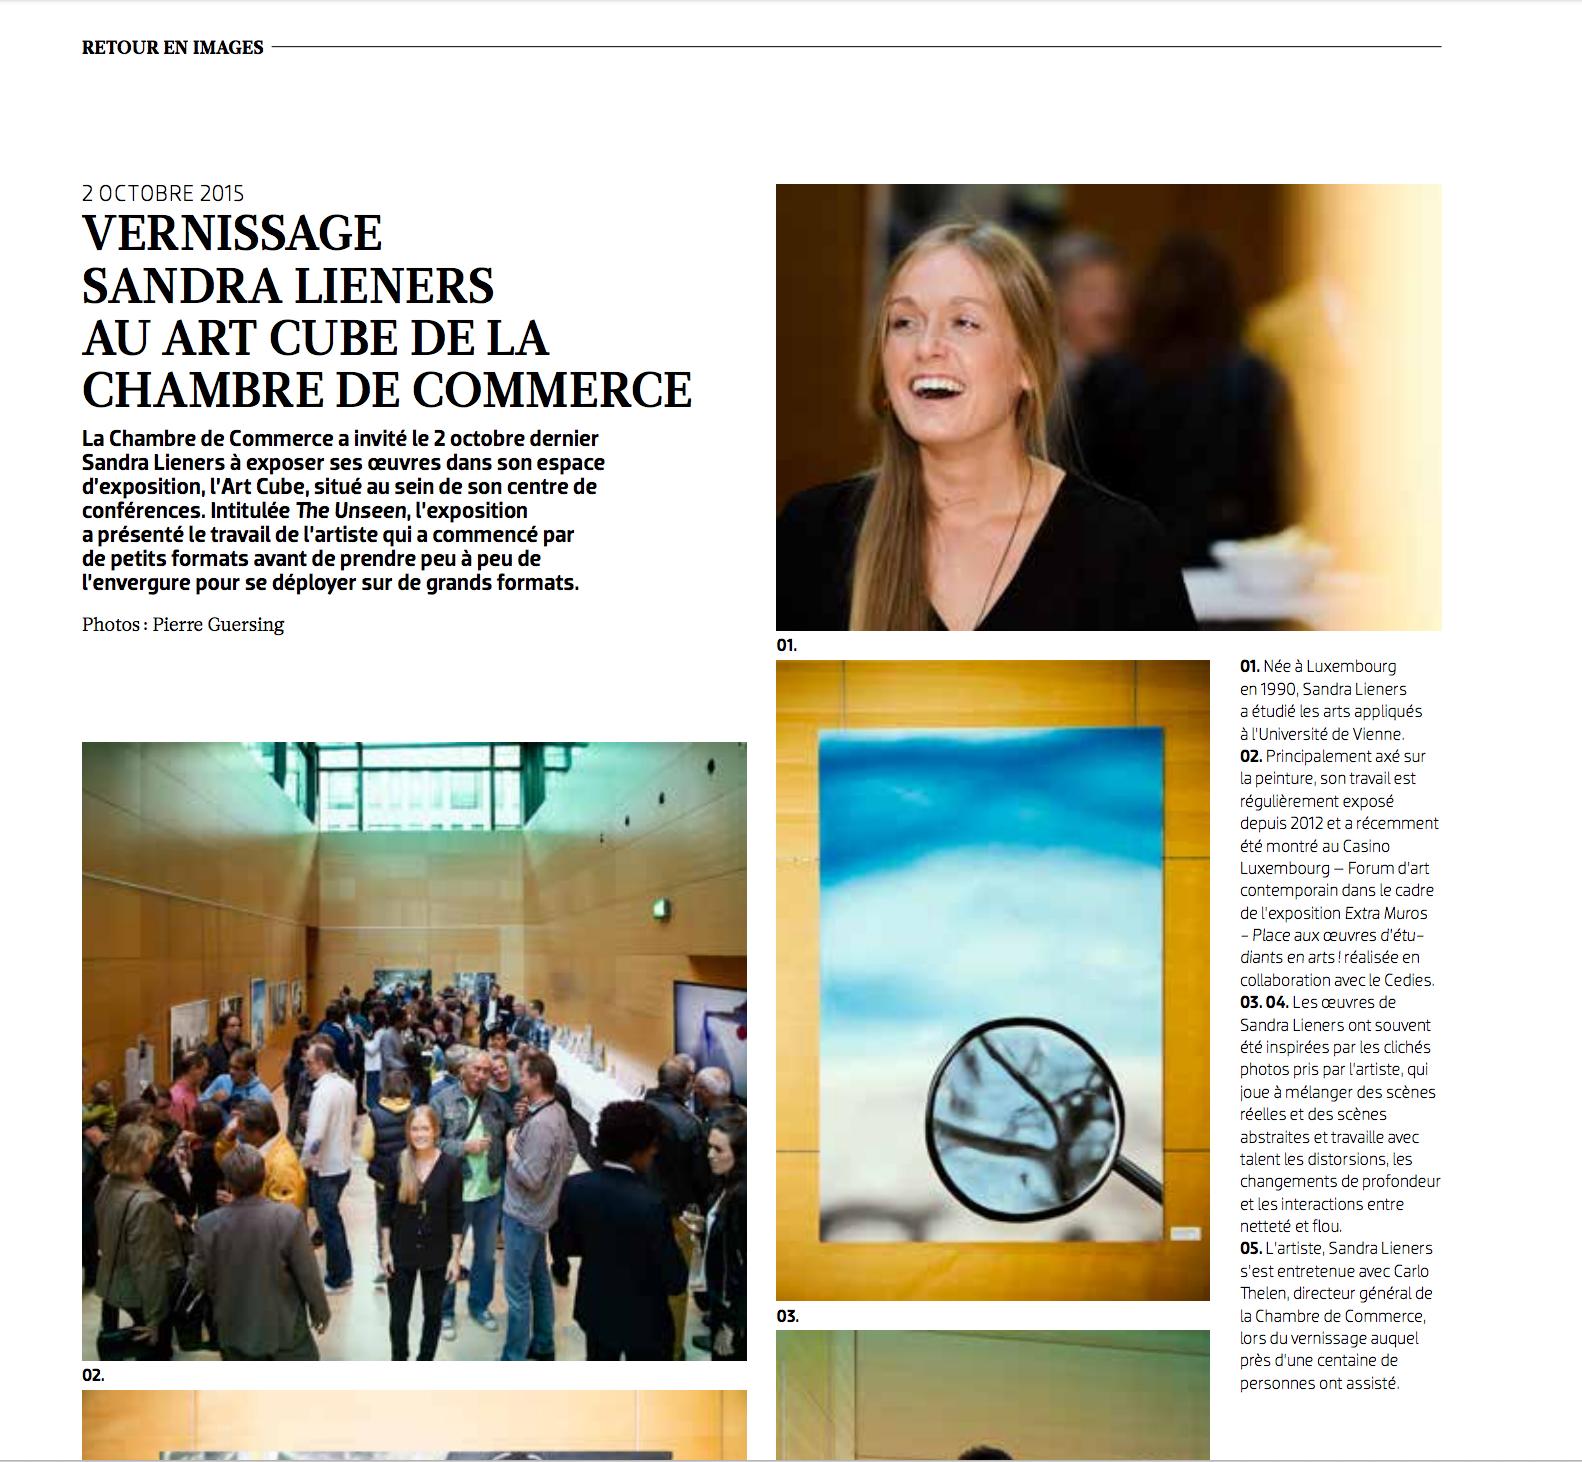 vernissage sandra lieners au art cube | merkur magazine | nov/déc '15 | LUX